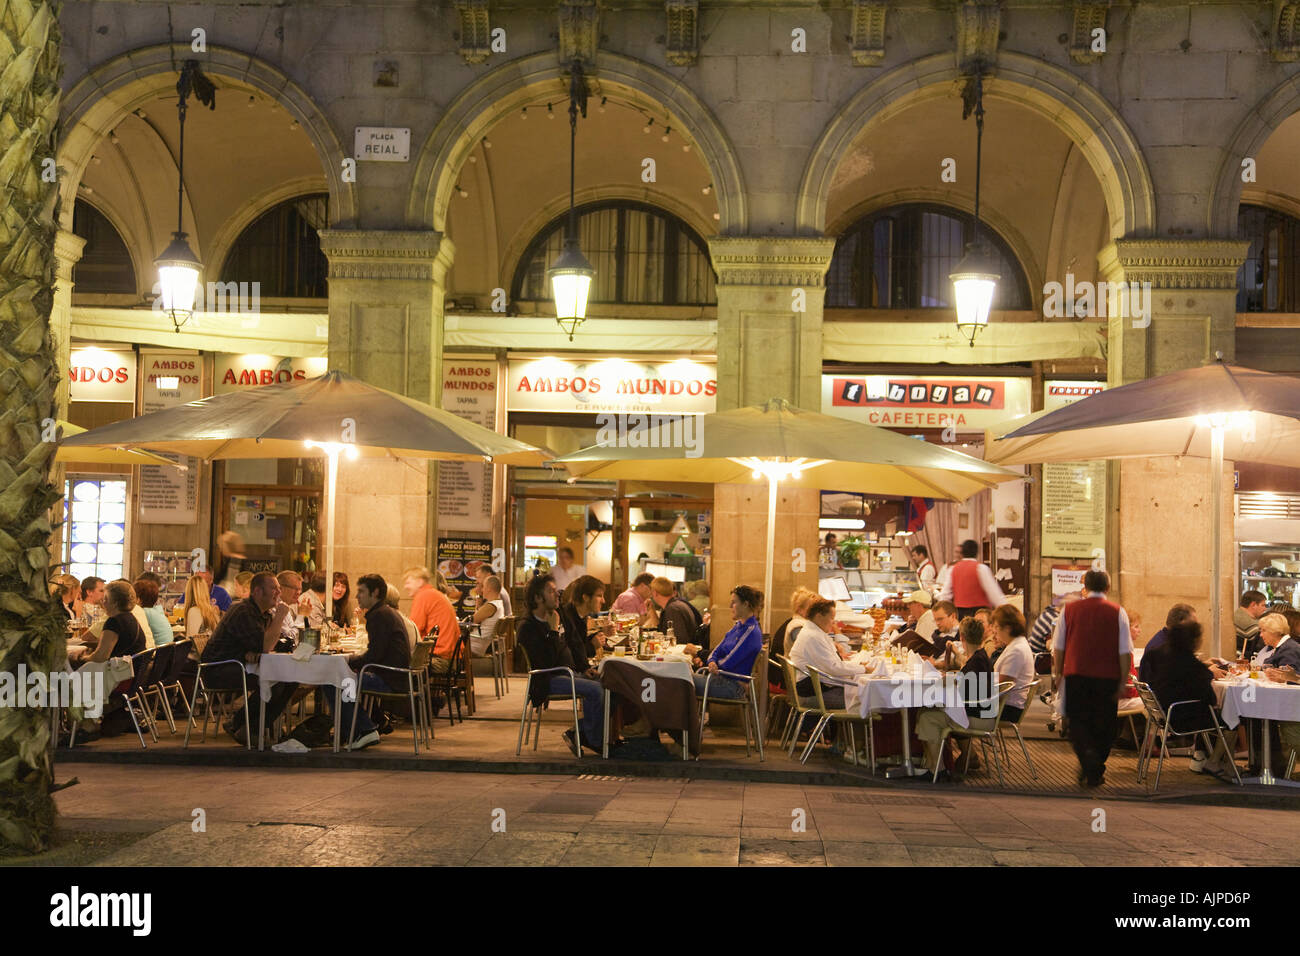 Resultado de imagen de plaza real barcelona restaurante